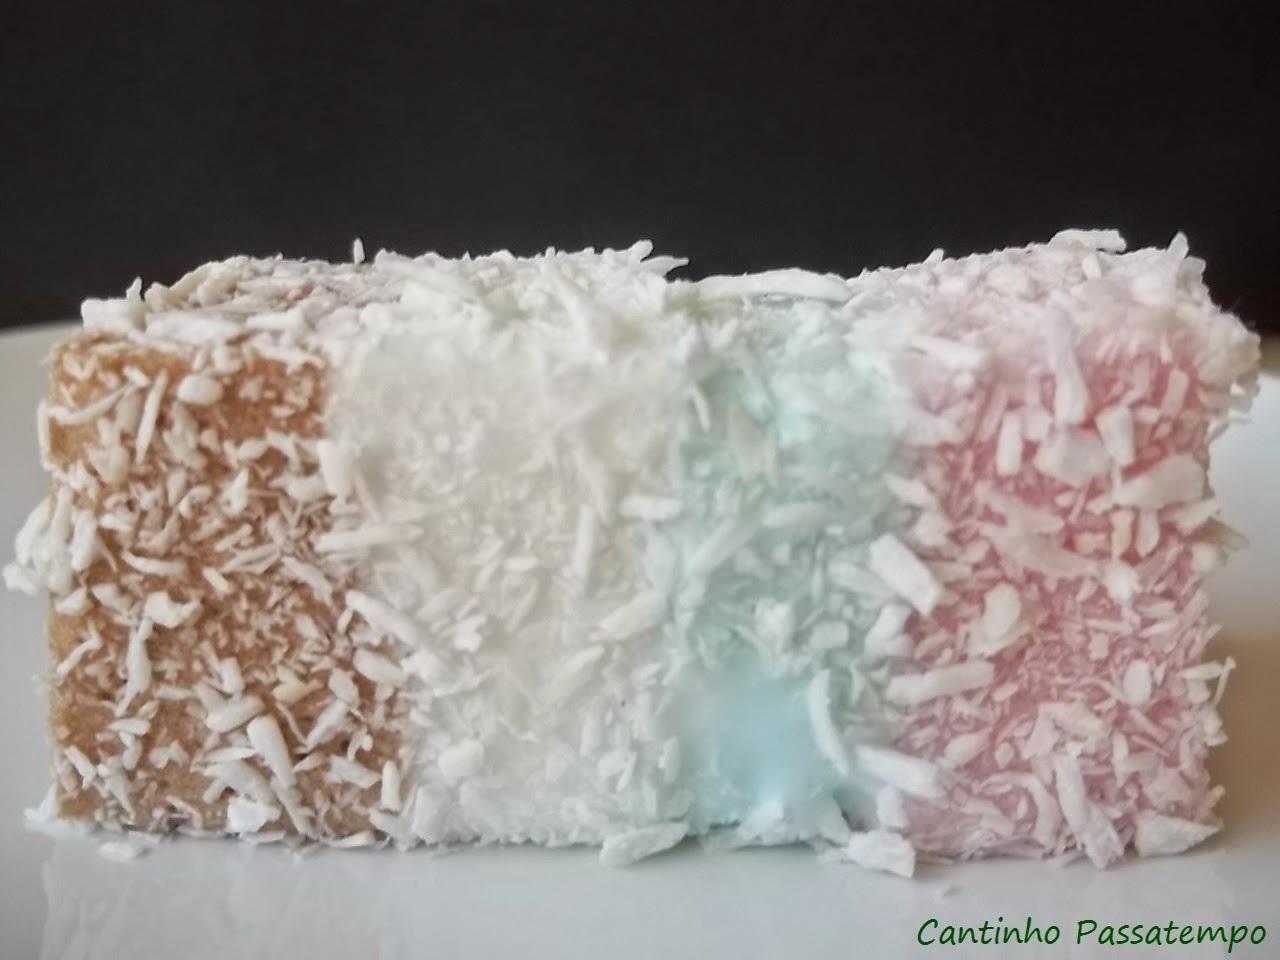 gelatina colorida com maria mole em camadas